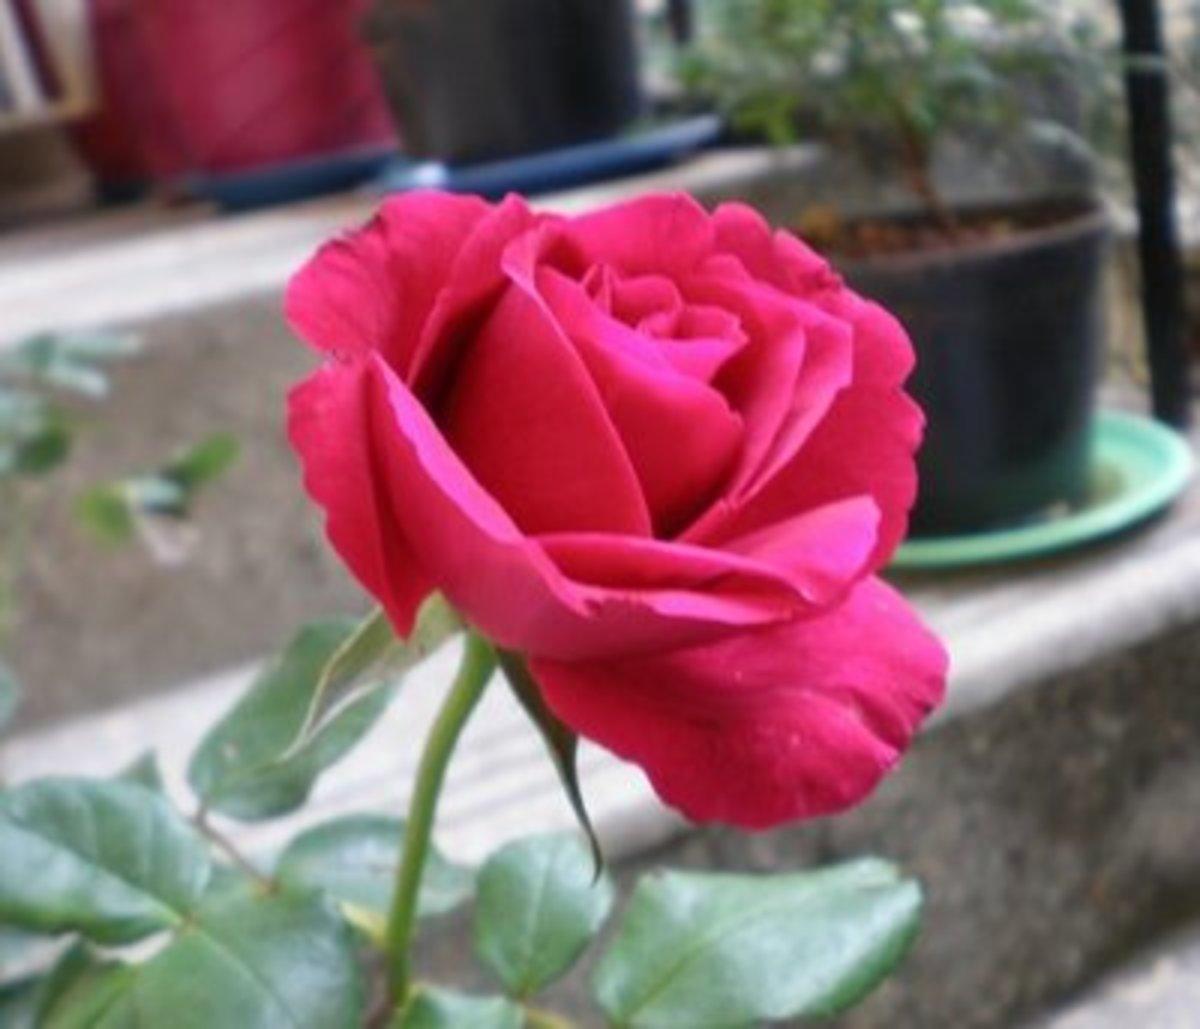 Rose flower in Kerala